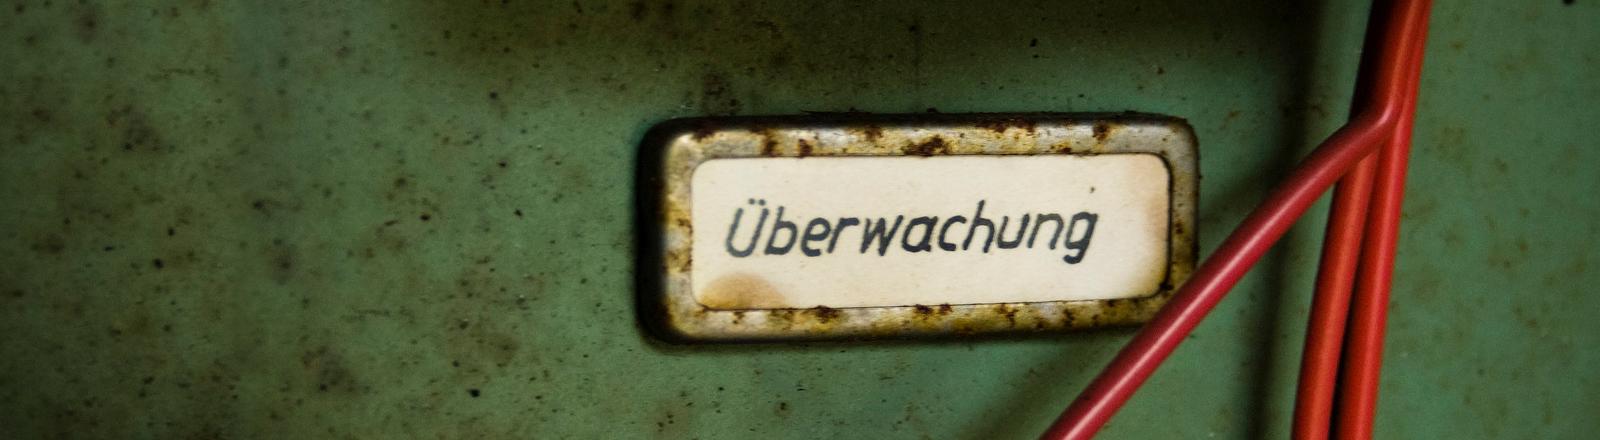 Auf einem Schild an einem Rollcontainer steht Überwachung